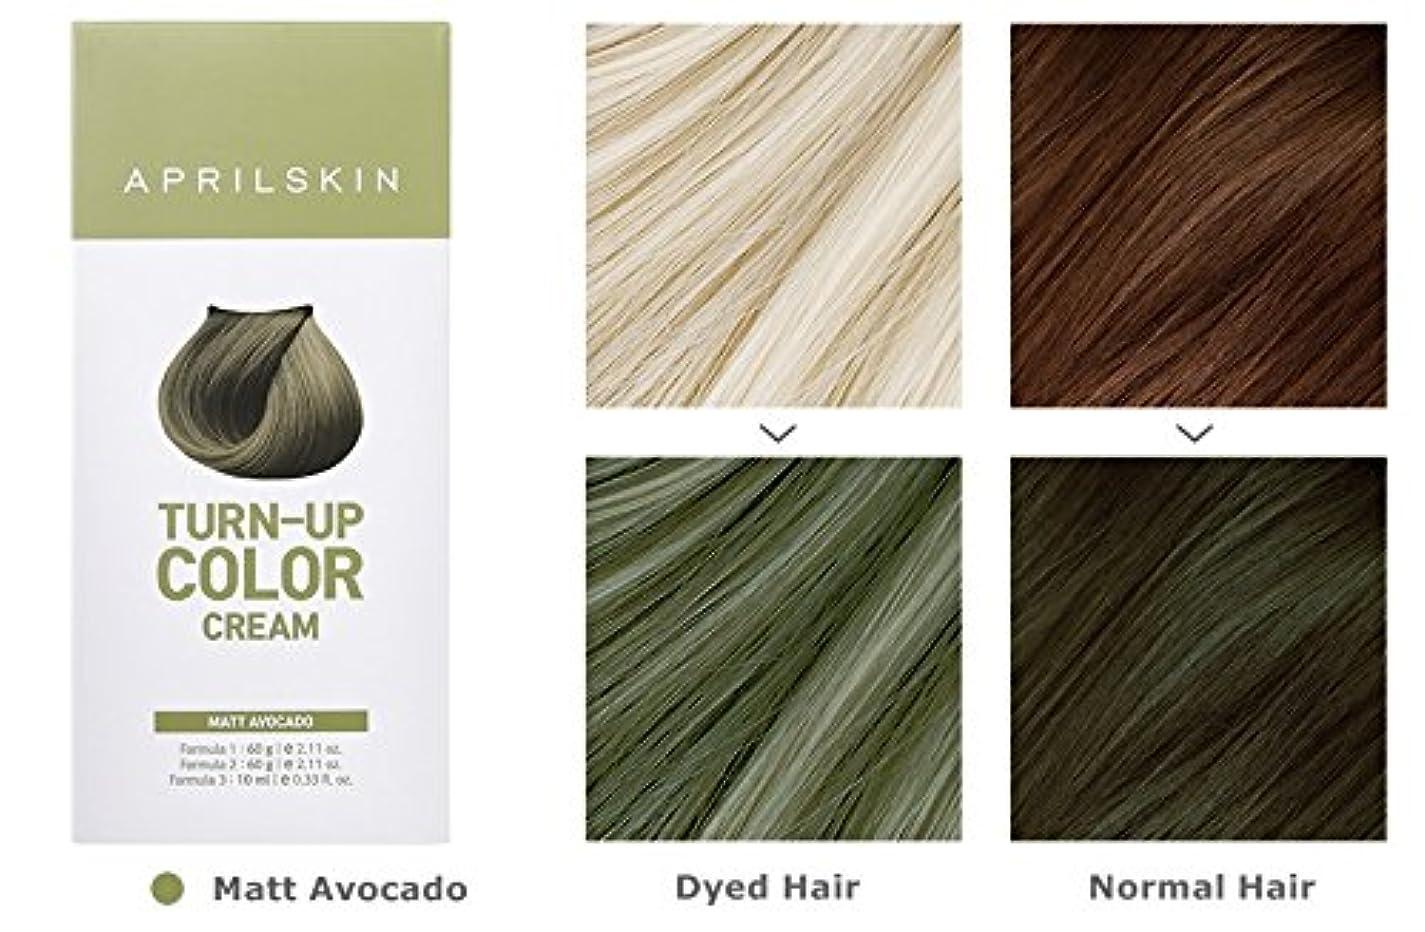 協定笑必需品April Skin Turn Up Color Cream Long lasting Texture Type Hair Dye エイプリルスキン ターンアップカラークリーム長持ちテクスチャタイプヘアダイ (紅)